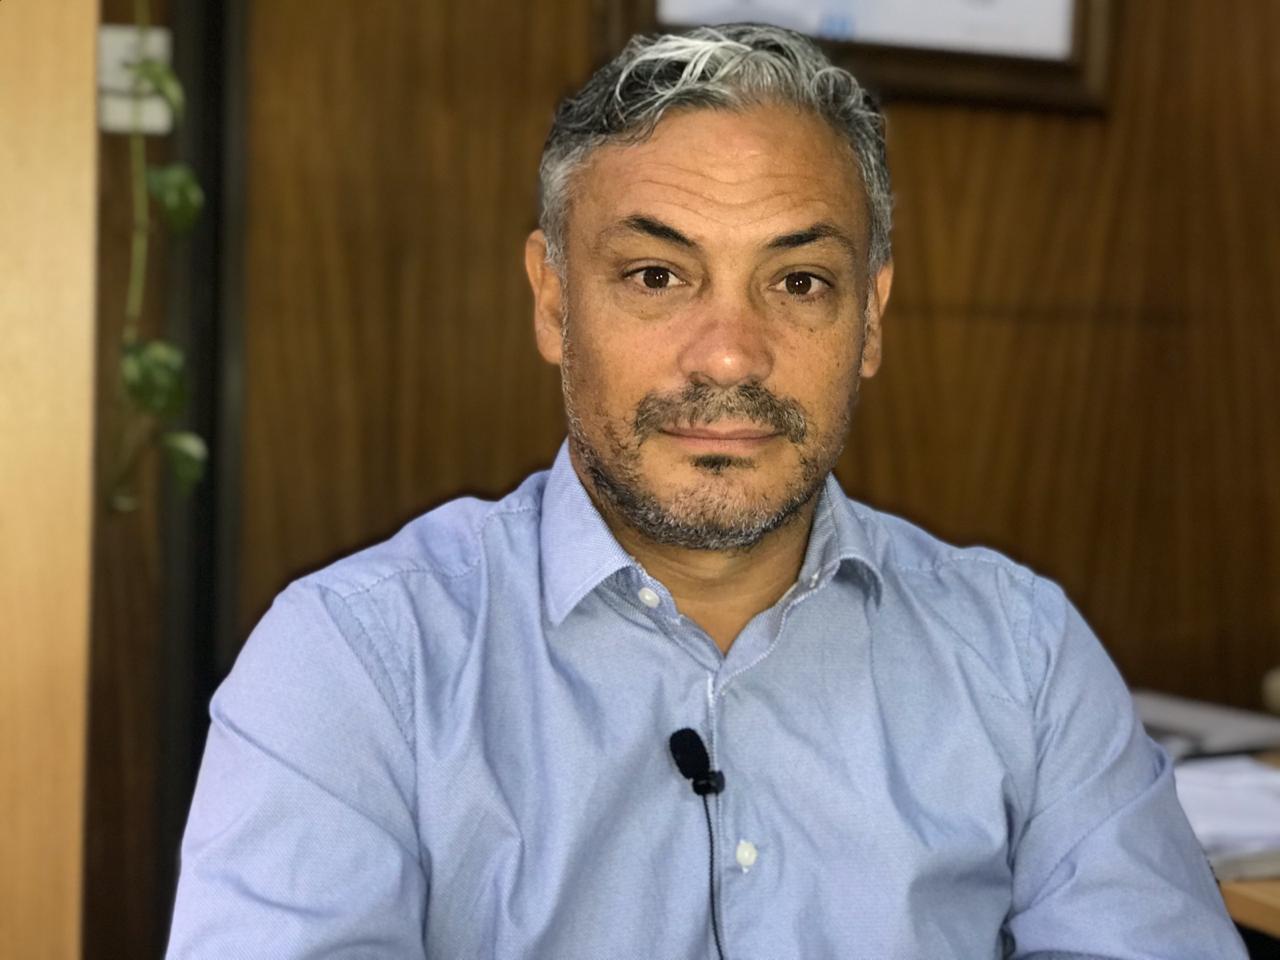 Piden 5 años de prisión para quién apuñaló a Eduardo Martínez y la fiscalía acciona penalmente contra el cirujano que lo asistió